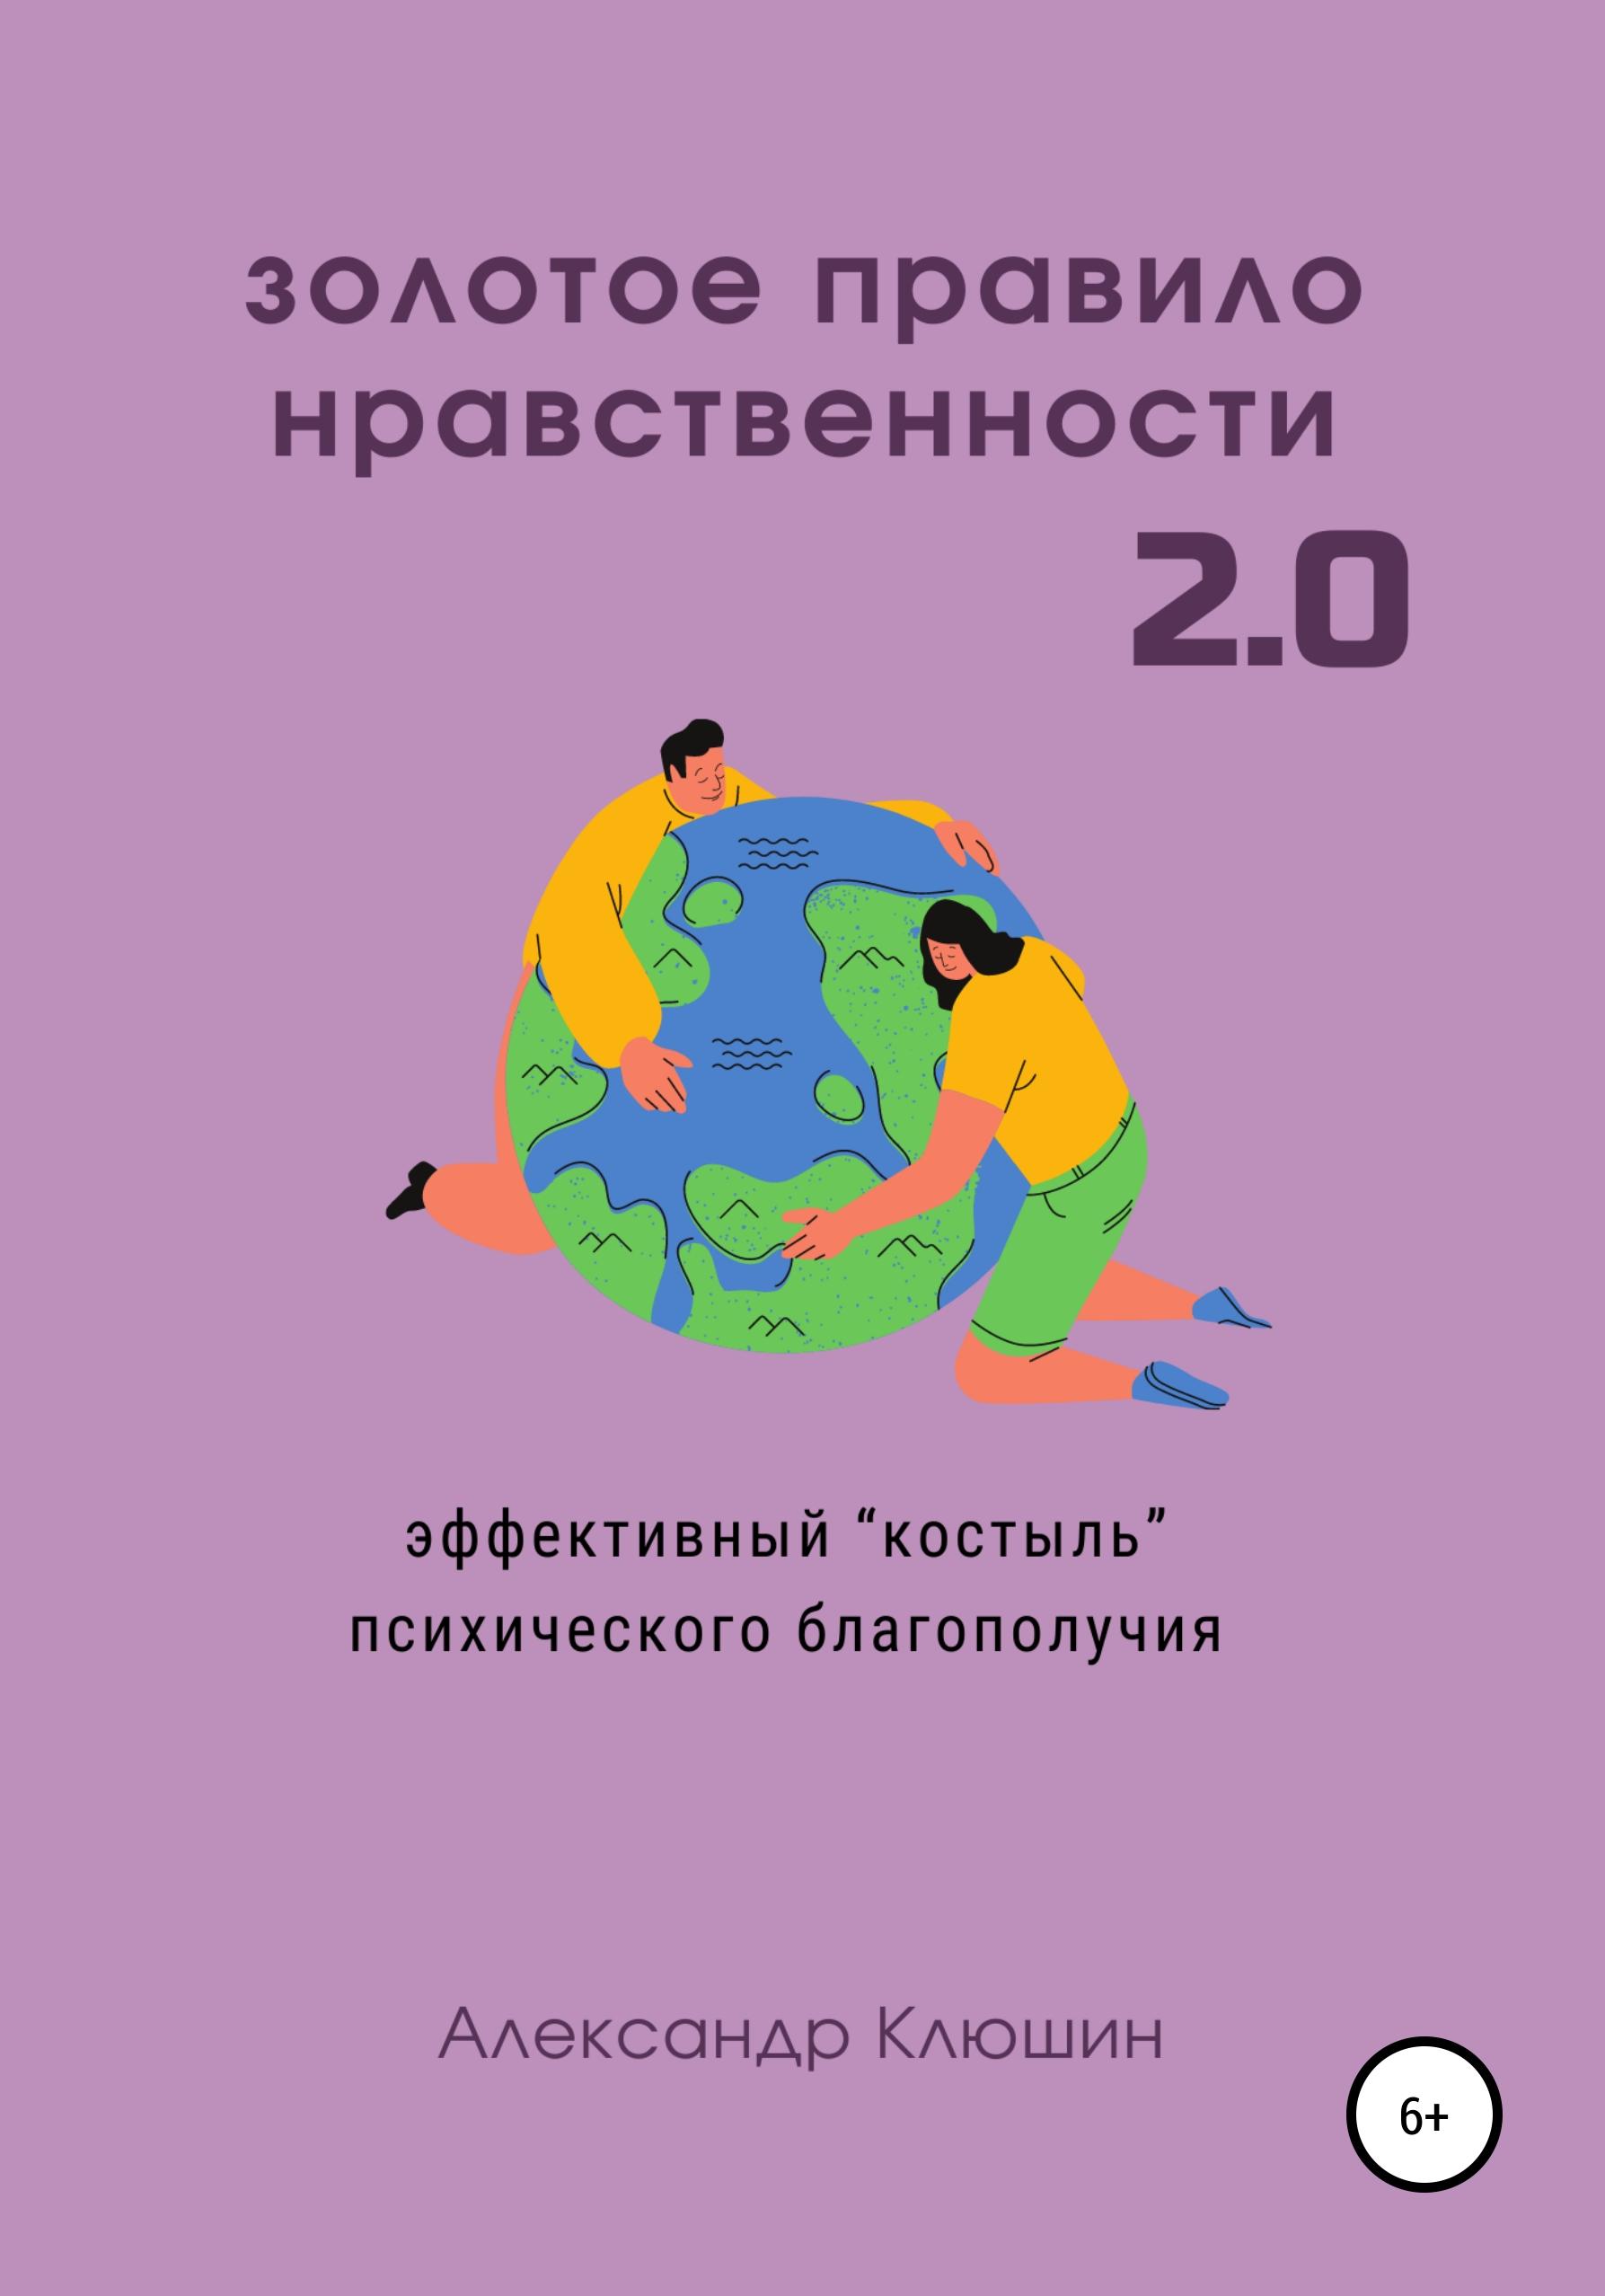 Александр Клюшин Золотое правило нравственности 2.0 александр клюшин как написать нон фикшн книгу полное руководство